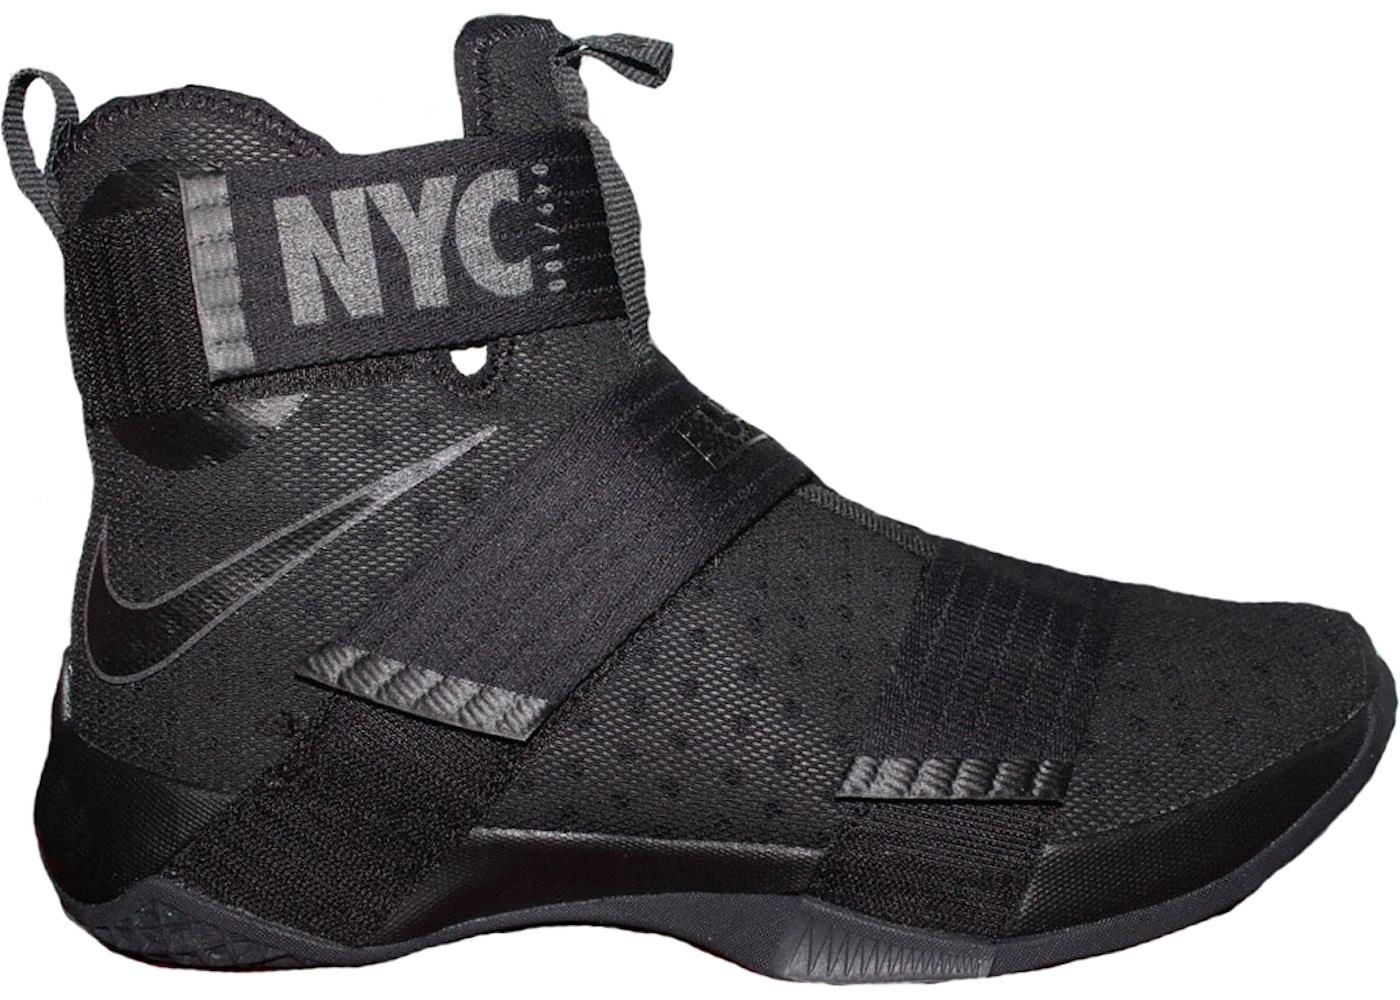 Nike LeBron Zoom Soldier 10 NYC SOHO Exclusive Sneakers (Black/Black)